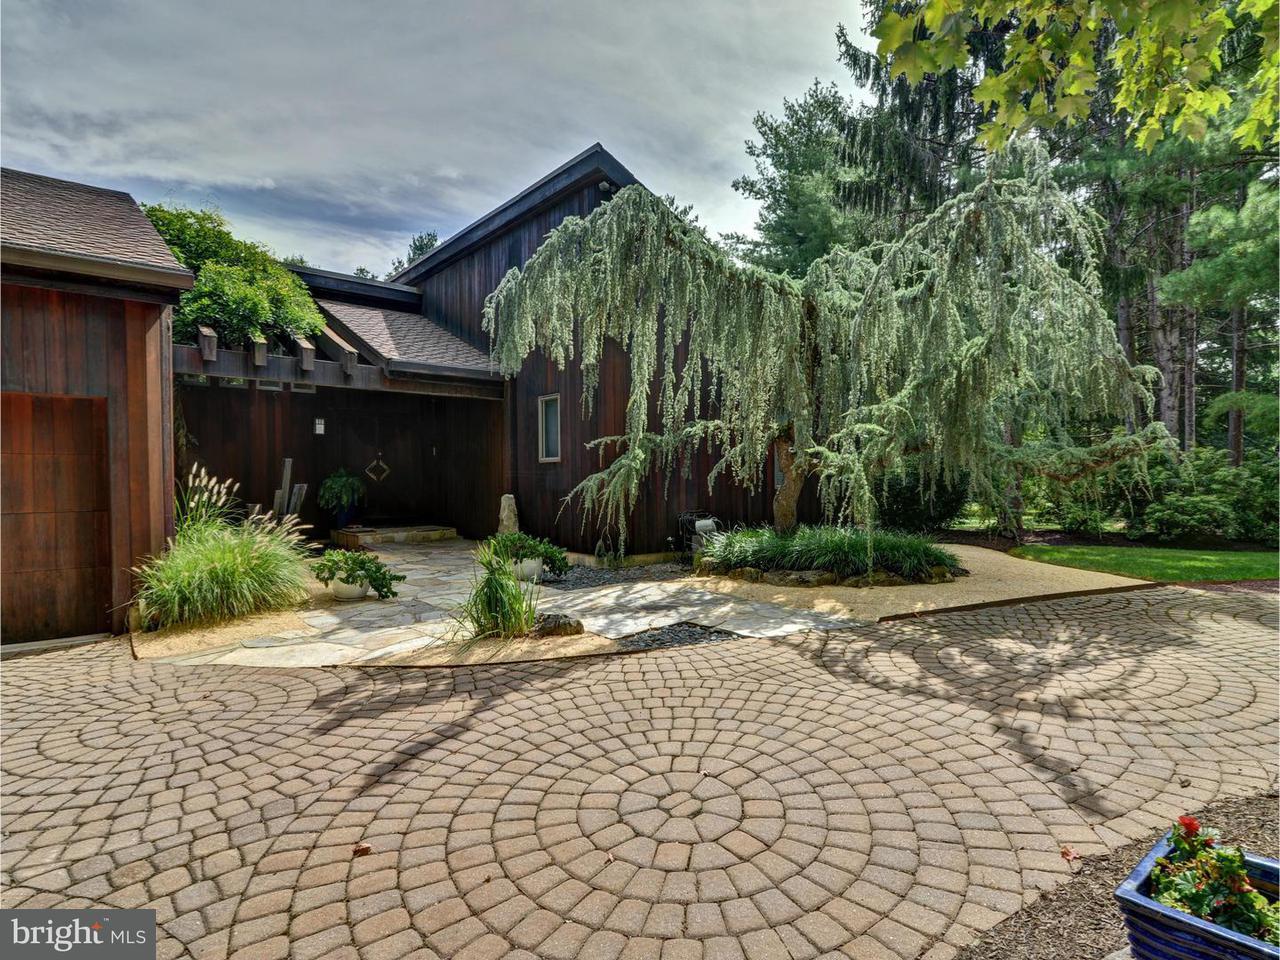 獨棟家庭住宅 為 出售 在 7 TIMBERBROOKE Drive Hopewell, 新澤西州 08525 美國在/周邊: Hopewell Township